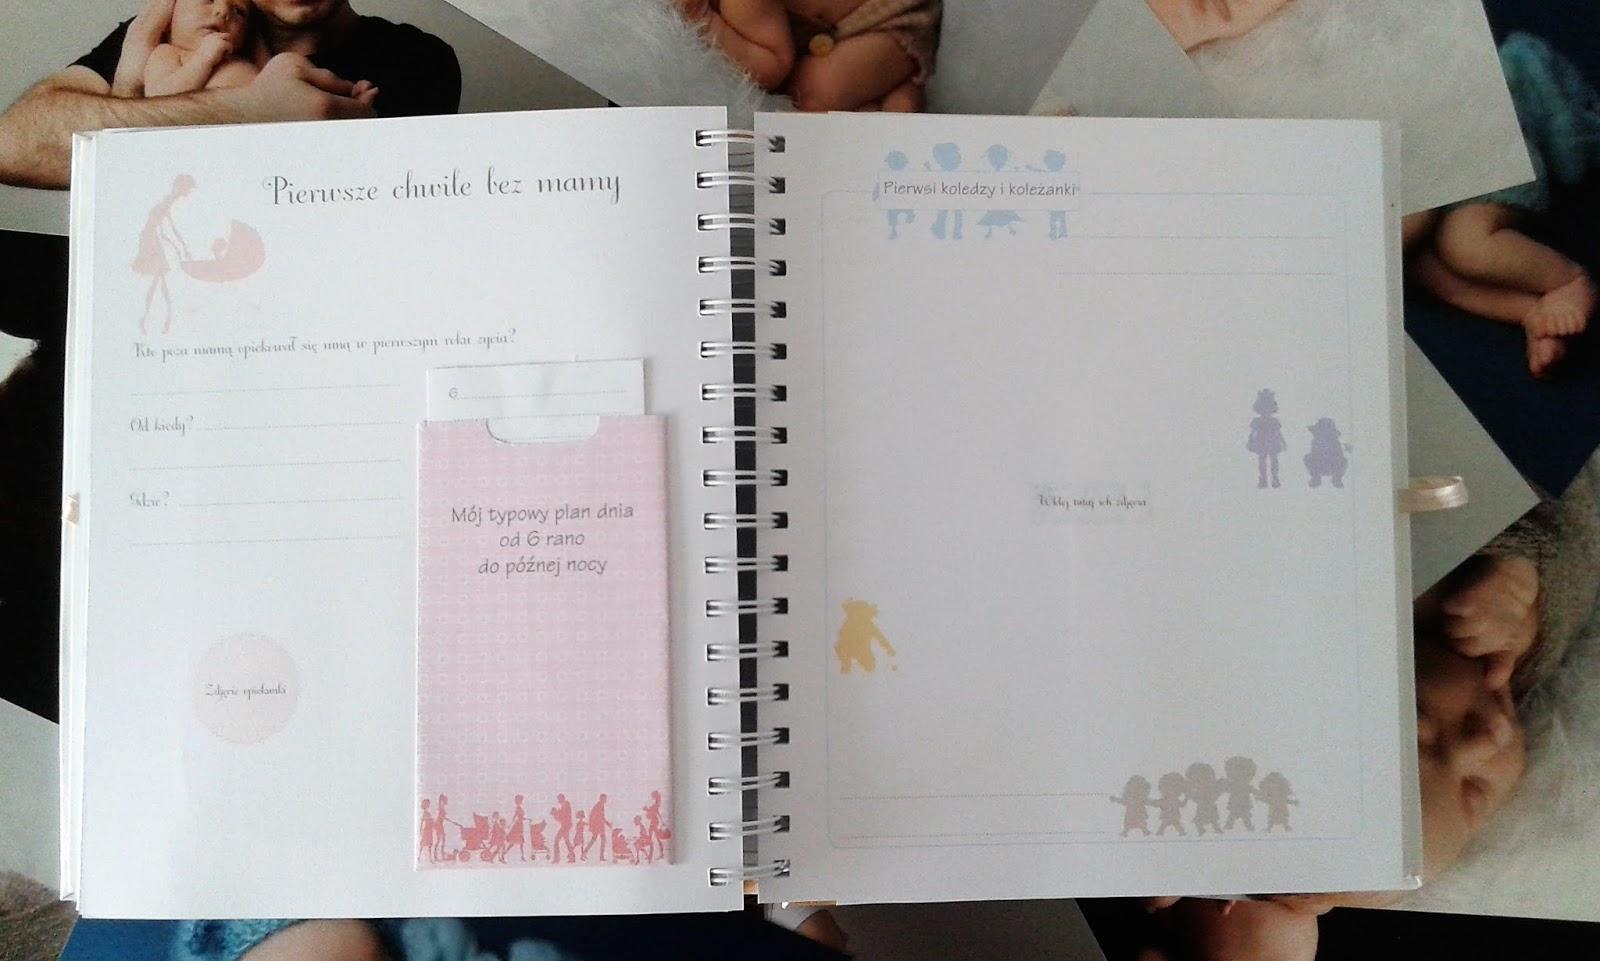 Strona albumu - pierwsze chwile bez mamy. Album dziecka zawierający wszystkie etapy rozwoju dziecka, pamiątka dla dziecka na lata.